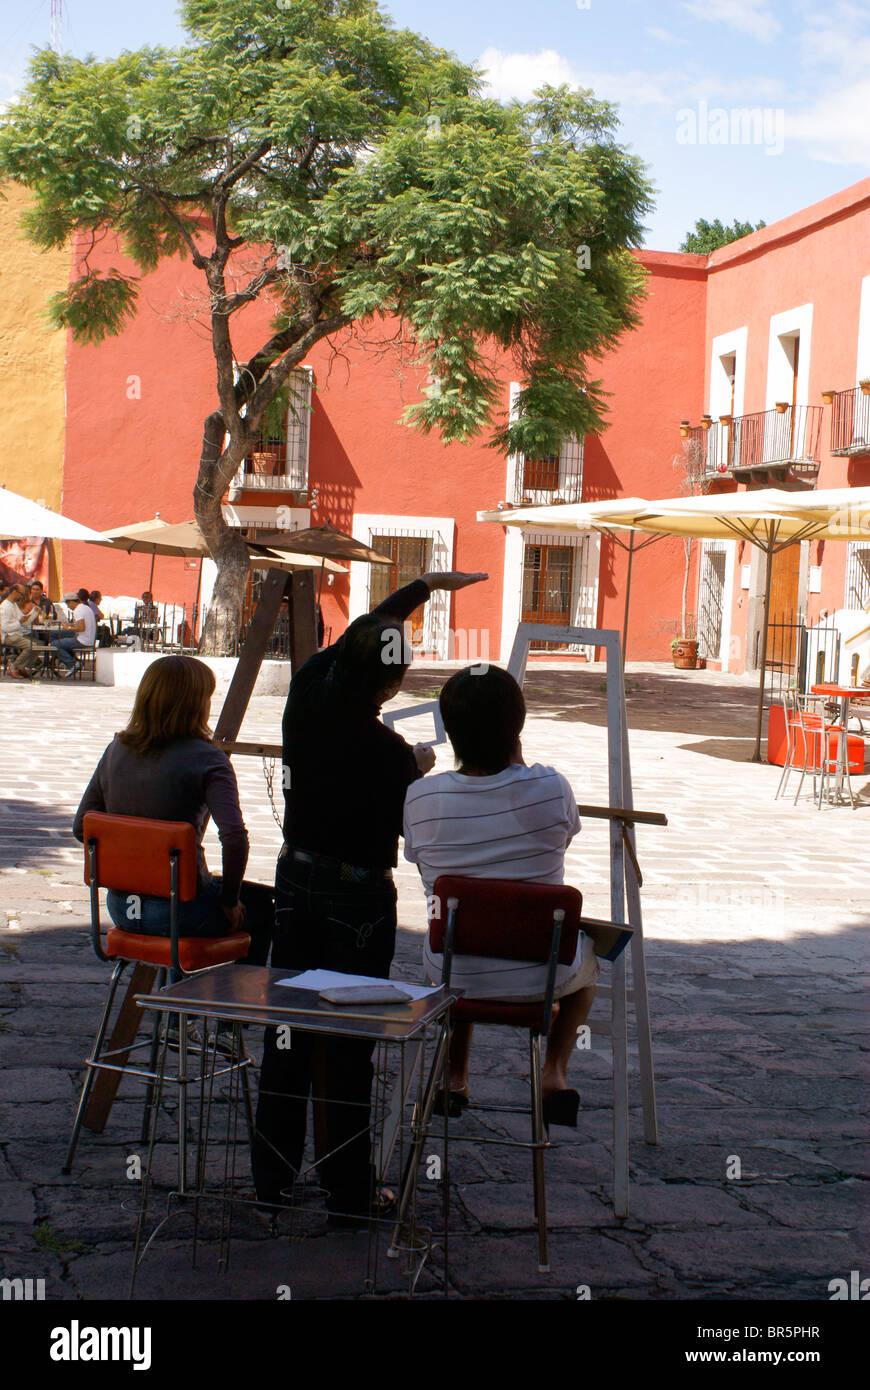 Gli studenti di arte e di insegnante nel Barrio del artista o artista trimestre, nella città di Puebla, Messico Immagini Stock